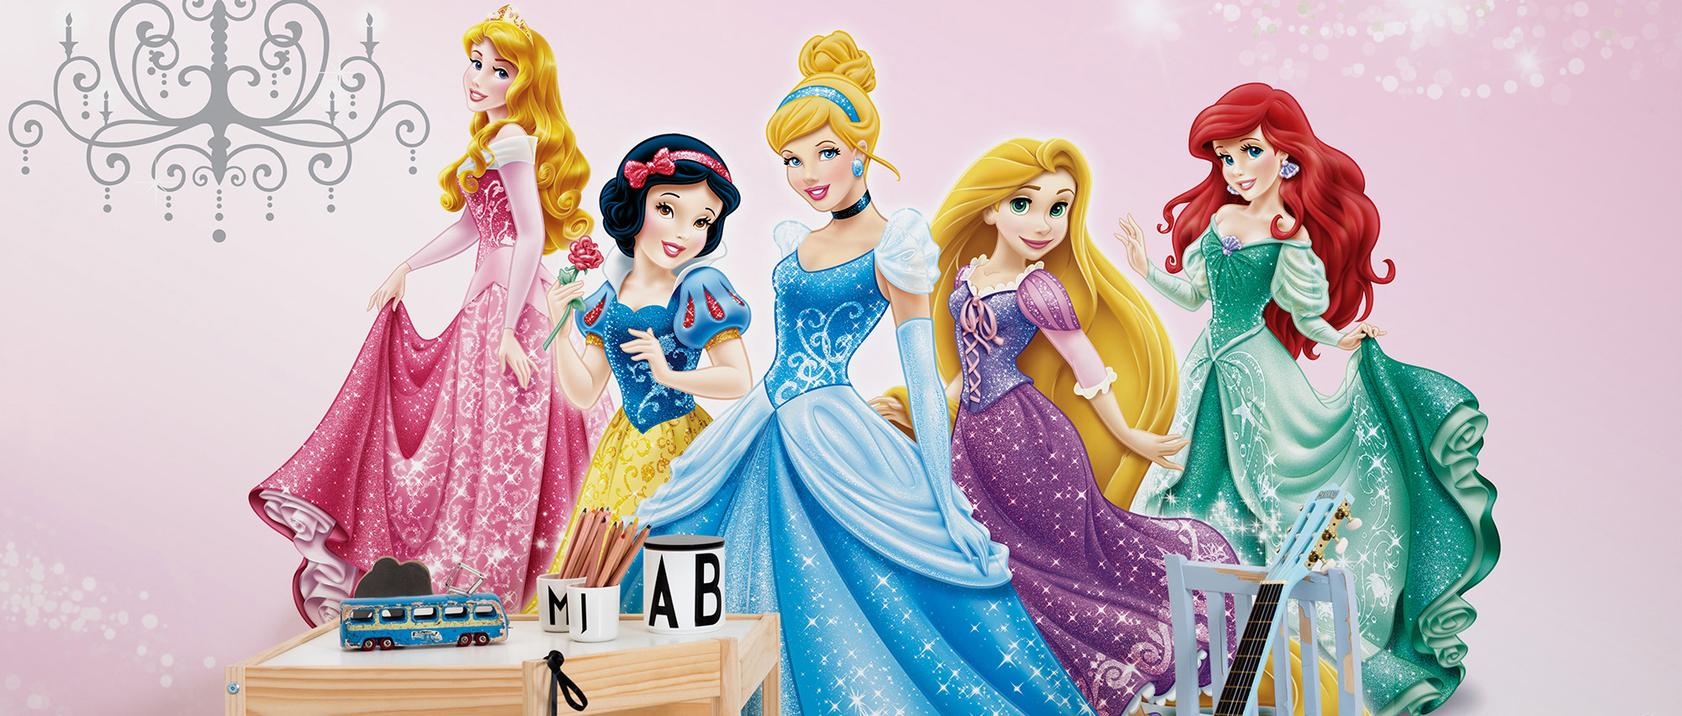 Disney – Prinsessor